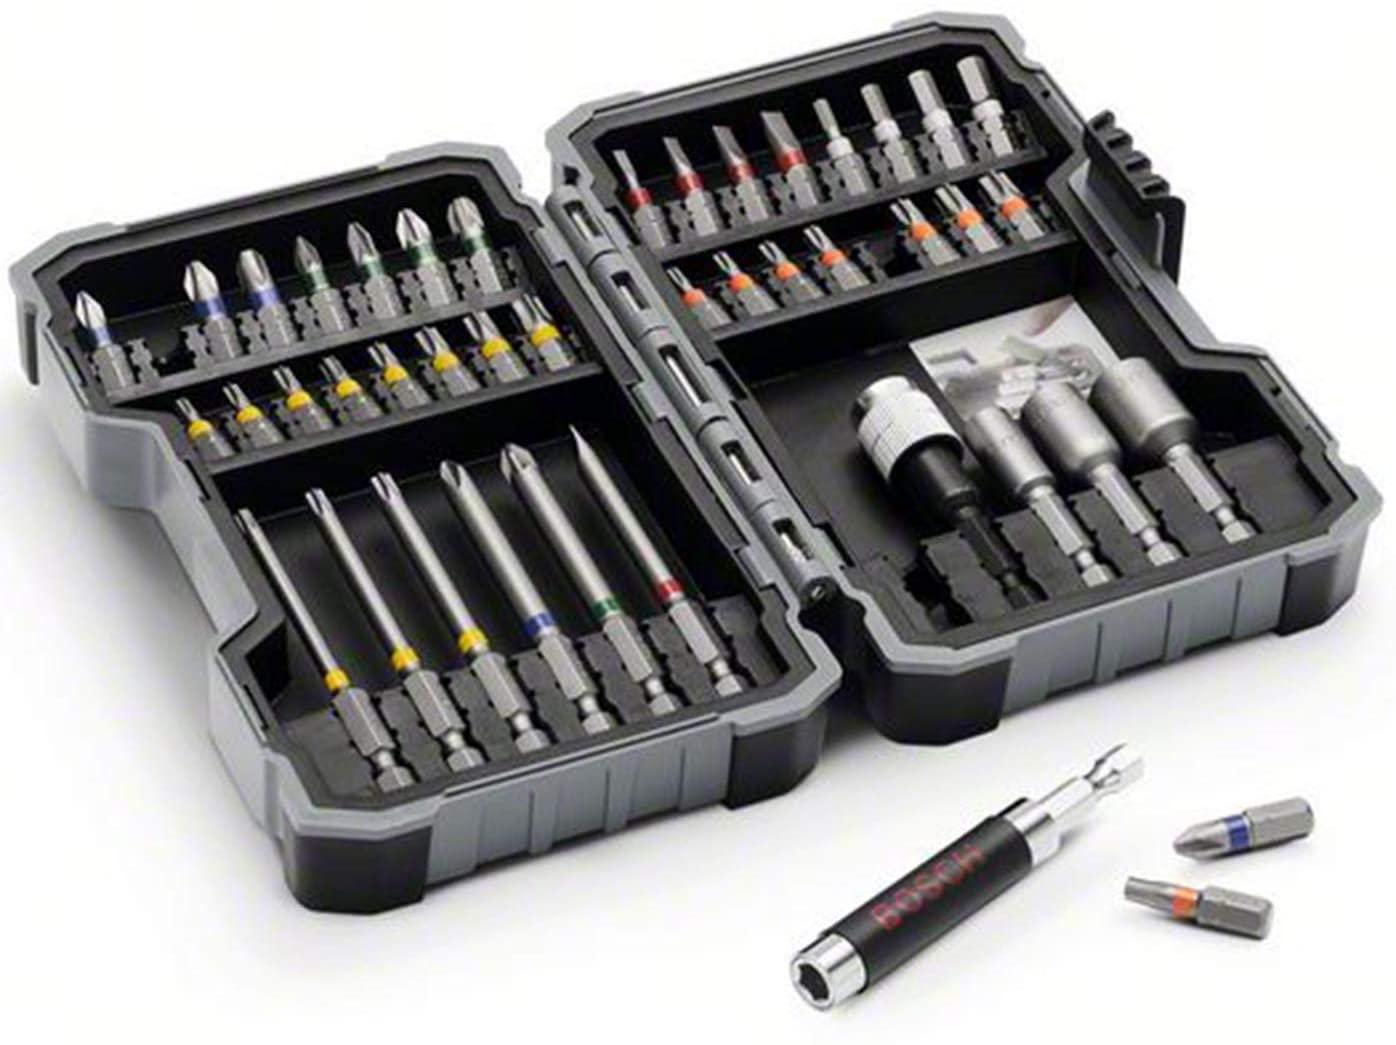 Bosch Professional 43-delige schroefbitset (accessoire schroefboormachine) [Energieklasse A+]